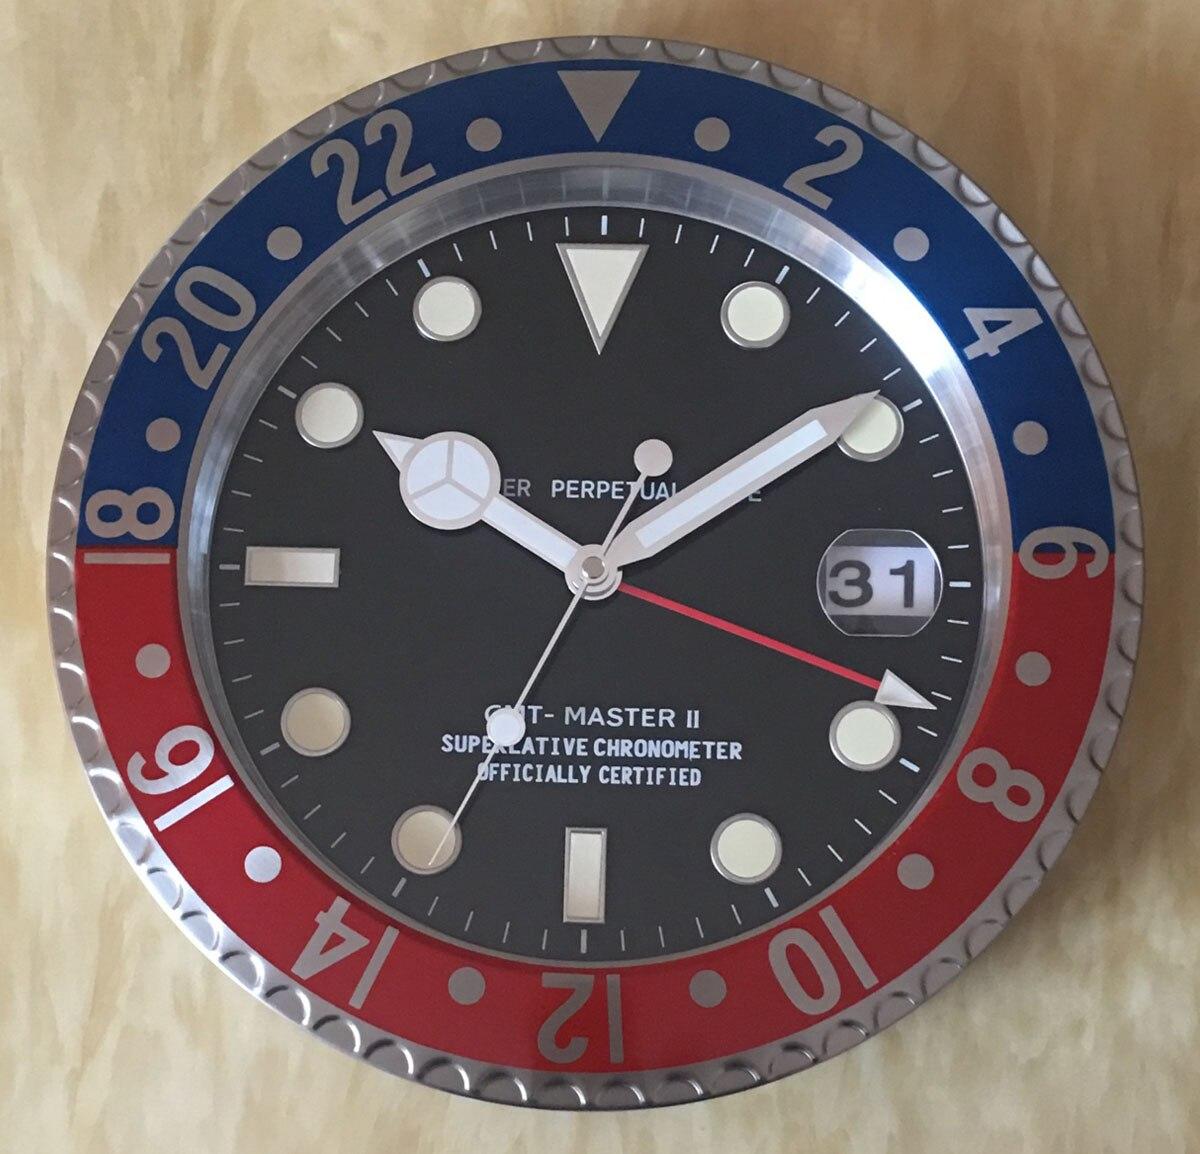 S & F con lupa al por menor Reloj de pared forma de Metal con calendario reloj de lujo en la pared - 2